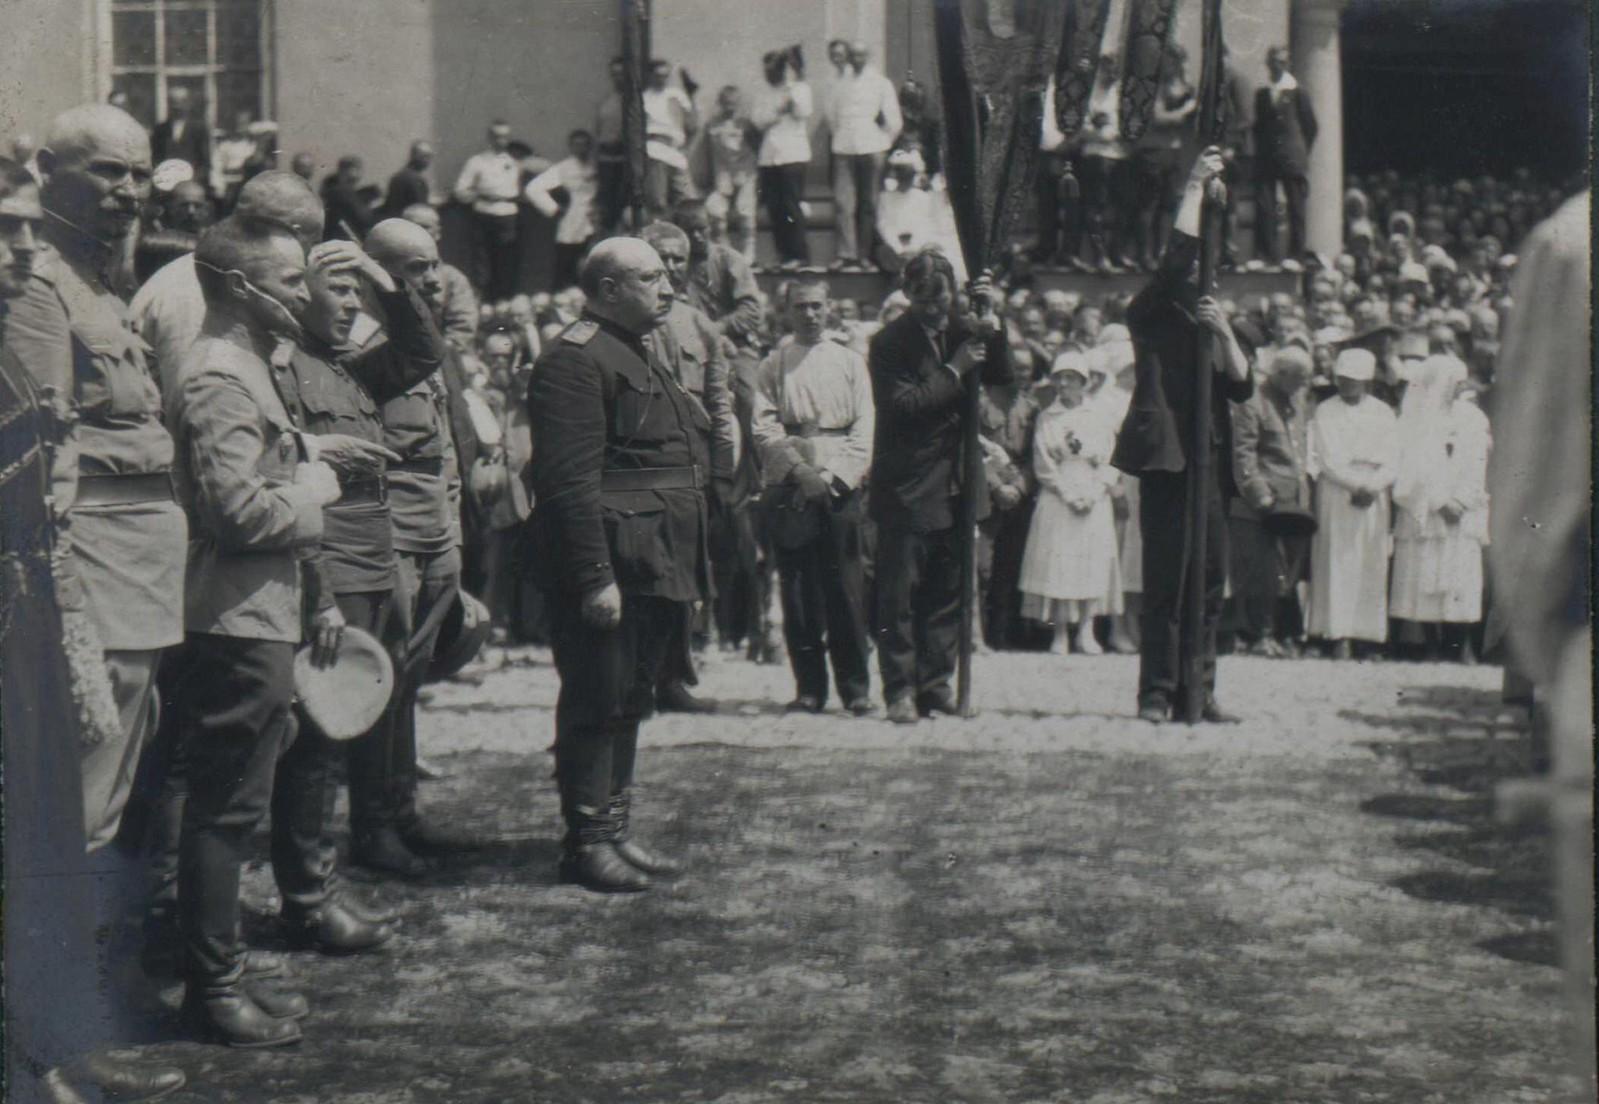 150. 1919. Генерал В.З. Май-Маевский и генерал А.П. Кутепов на панихиде по павшим воинам в Харькове, июнь.